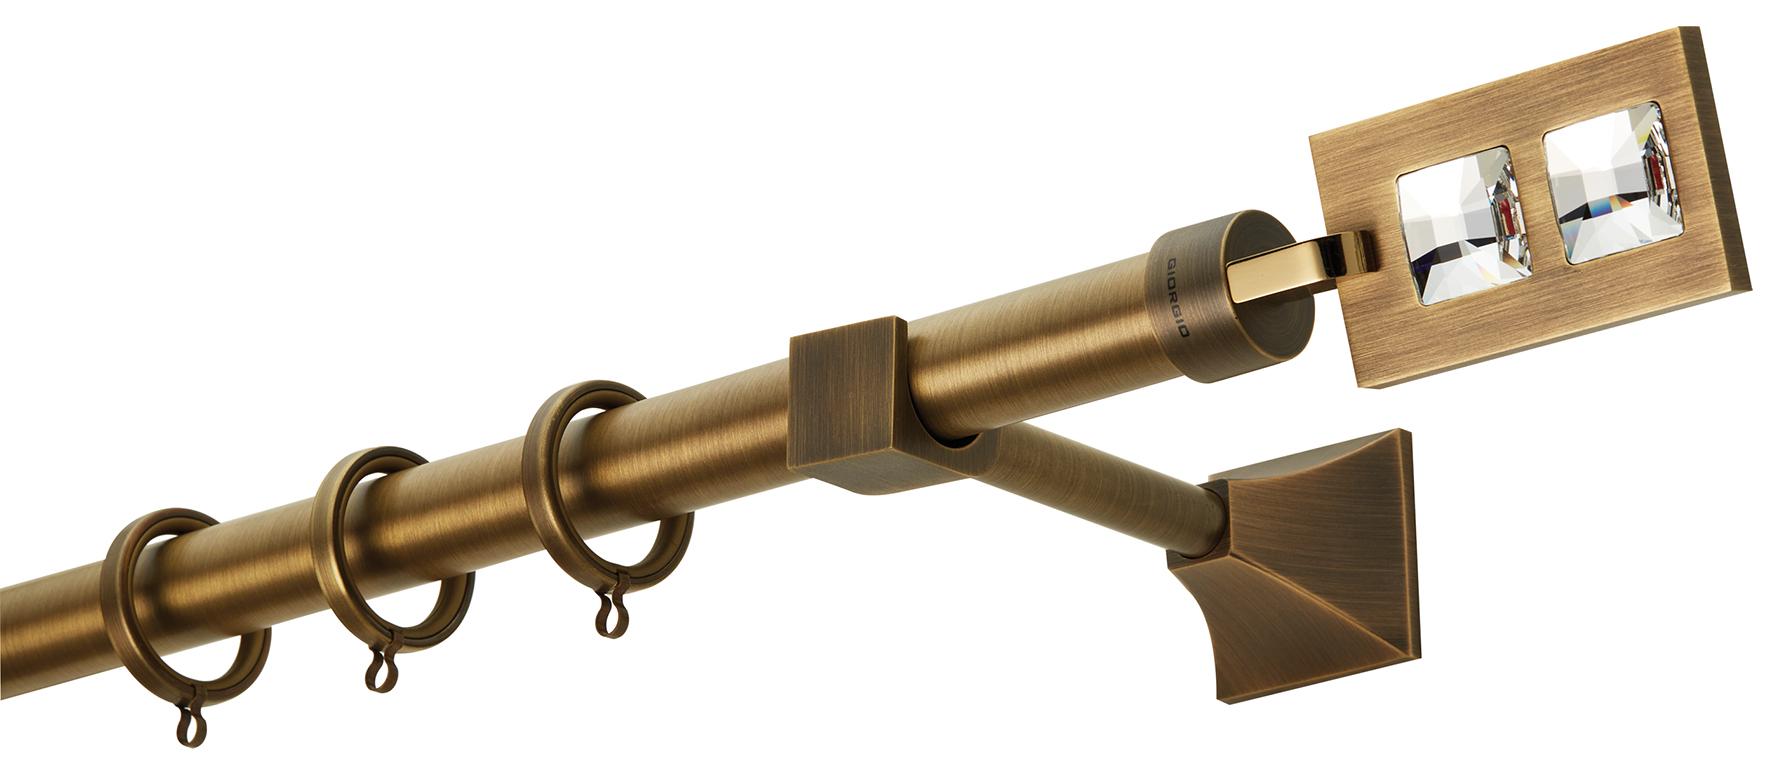 Κουρτινόβεργα PR4018 Μπρονζέ/ORO SWAROVSKI Φ25 ZOGOMETAL